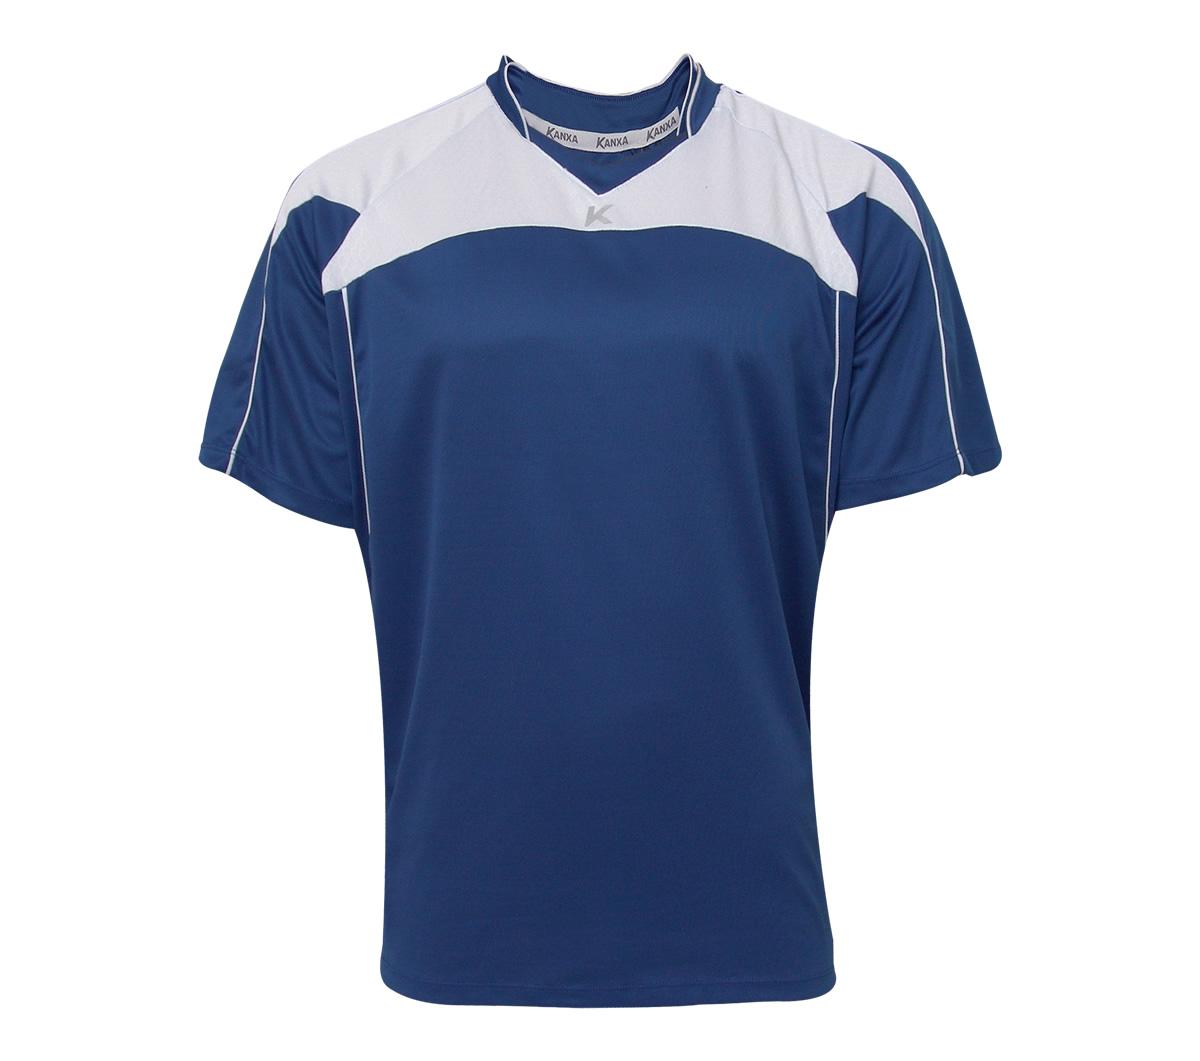 aafa1aa698272 Camisa Kanxa Trento Azul e Branca Camisa Kanxa Trento Azul e Branca ...